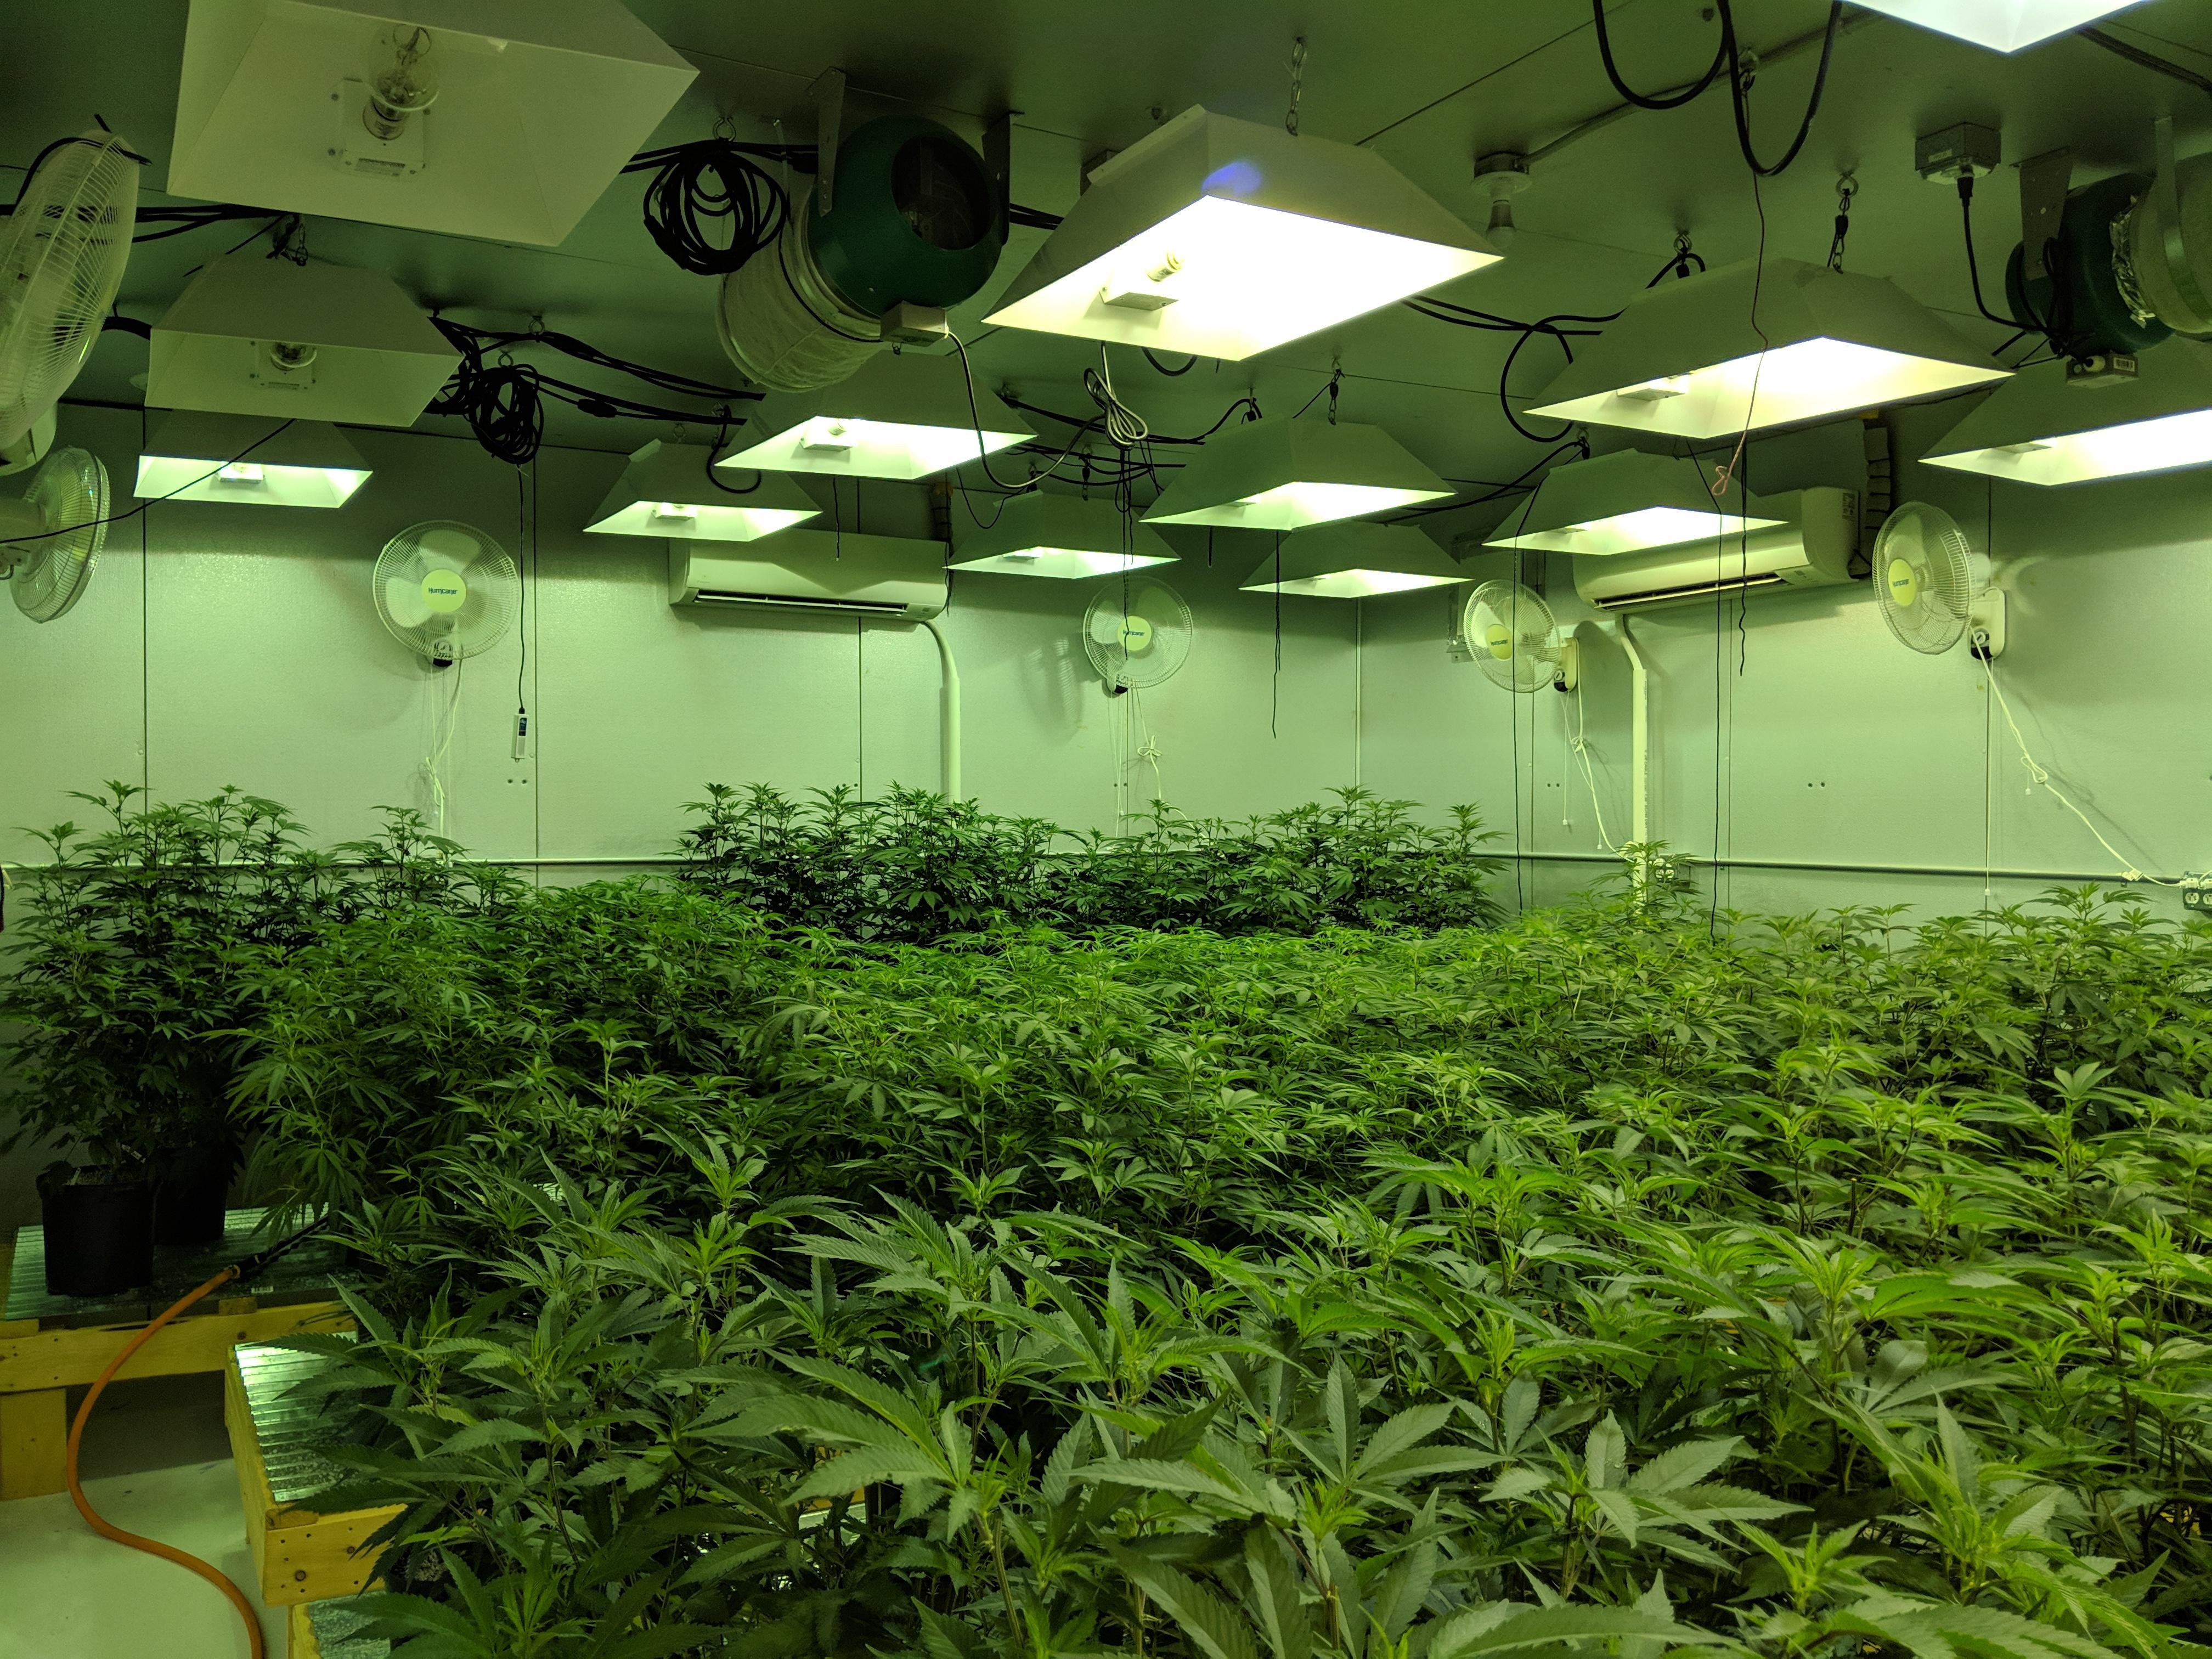 Maine Marijuana - Craft Maine Marijuana & Cannabis Strains at Zero Gravity Cannabis